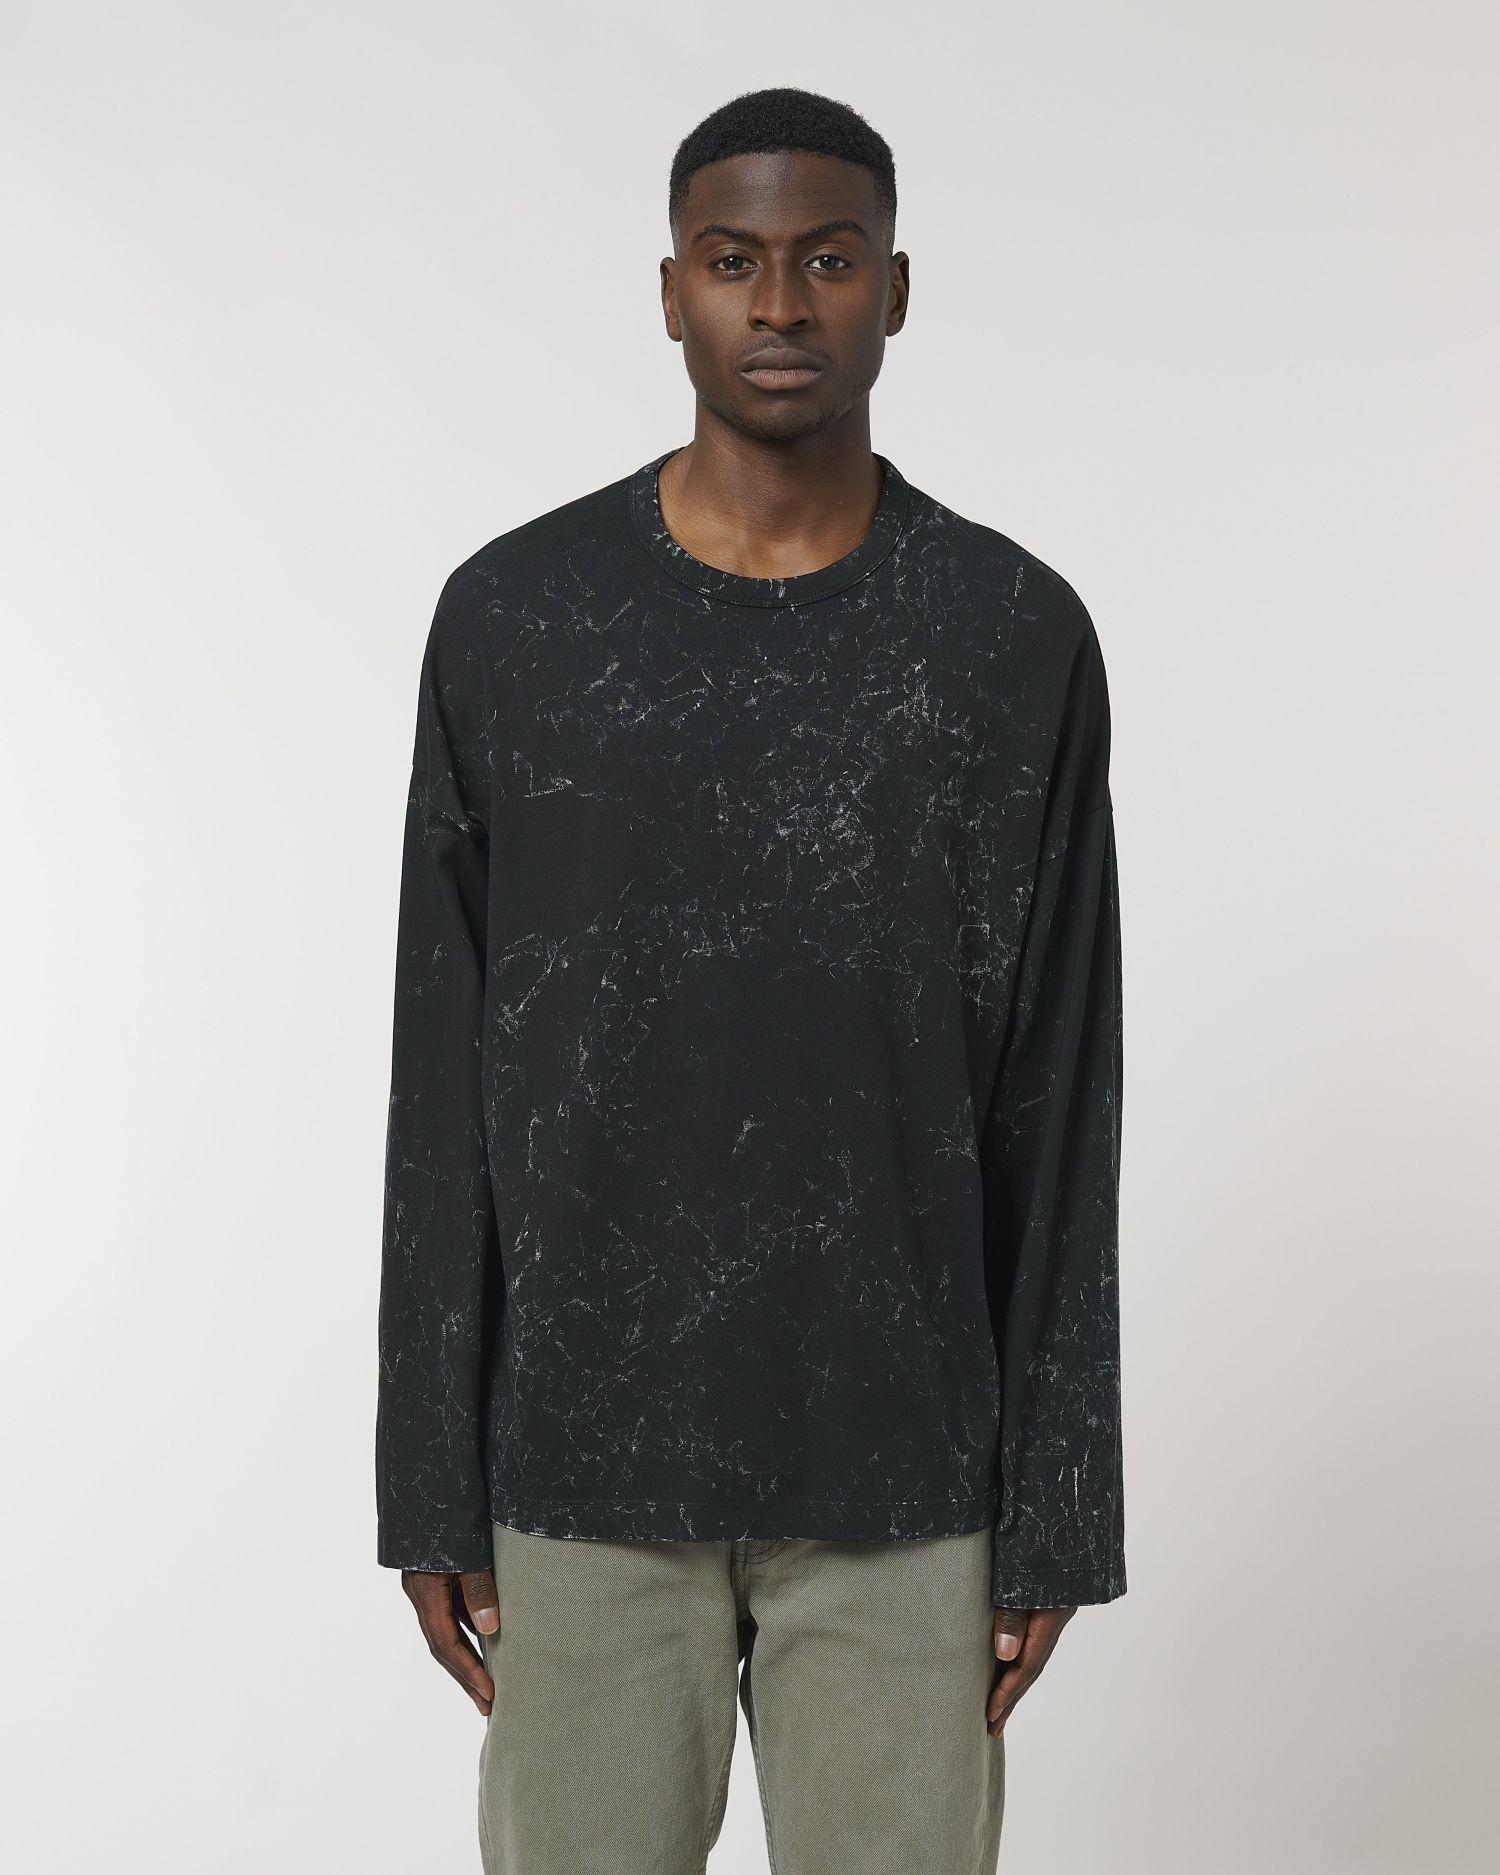 Triber Splatter Unisex Oversized Long Sleeve T-Shirt STTU791 Stanley/Stella